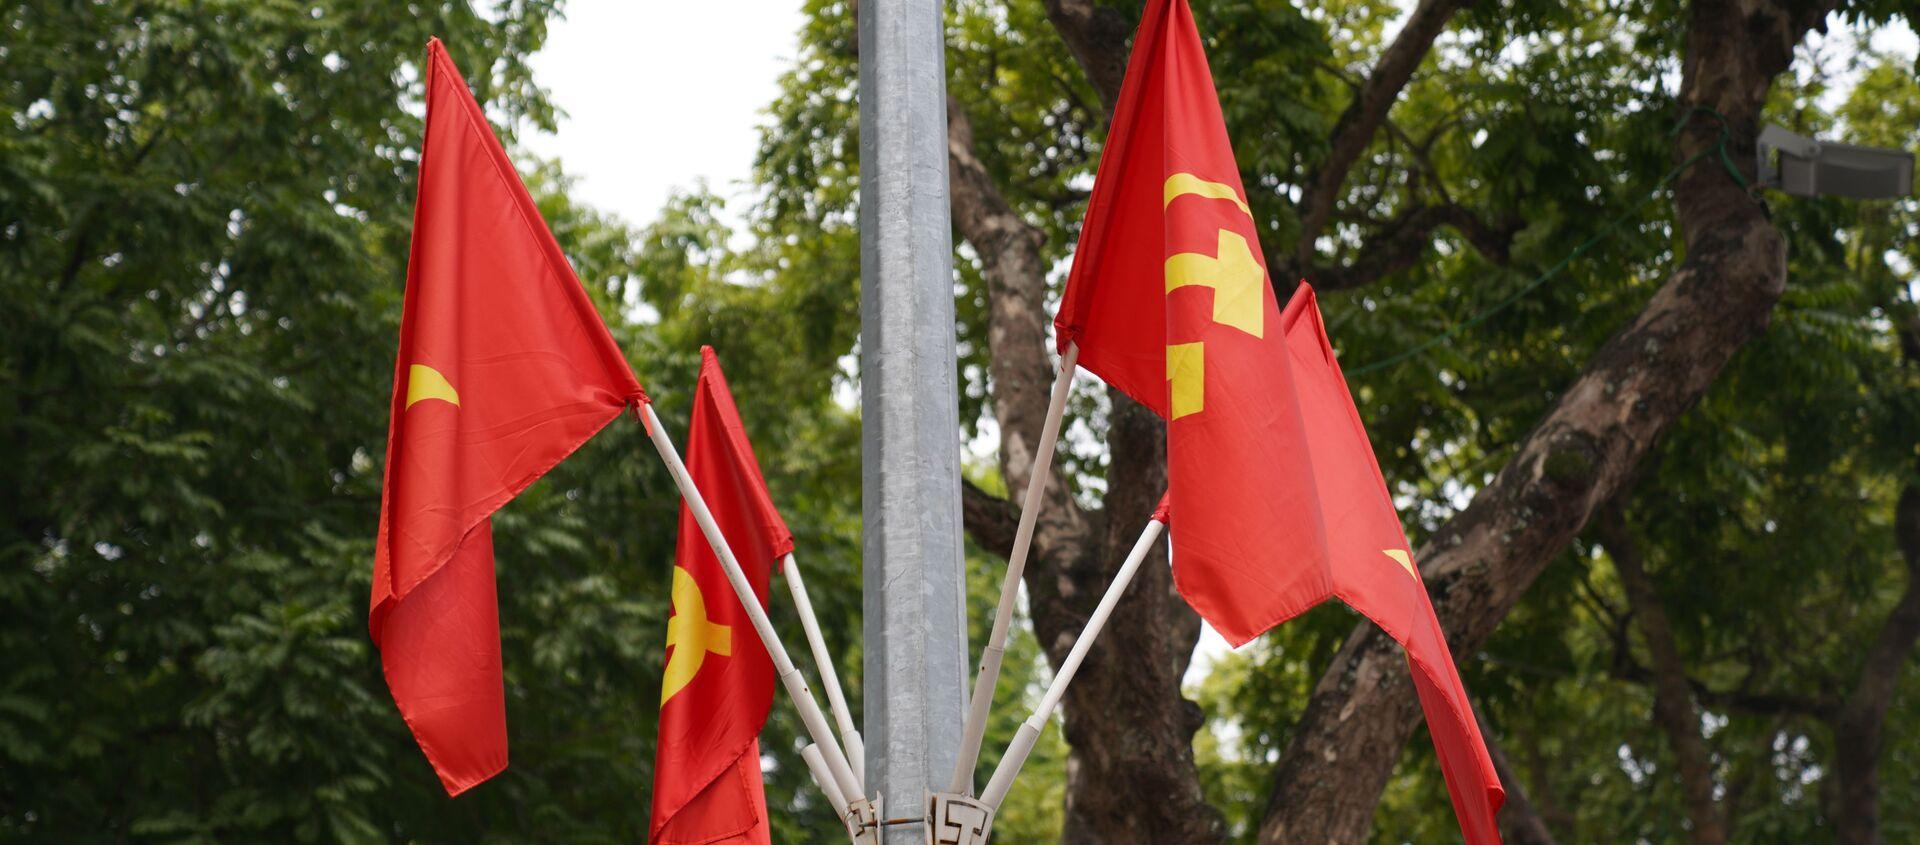 Lá cờ việt nam - Sputnik Việt Nam, 1920, 26.01.2021